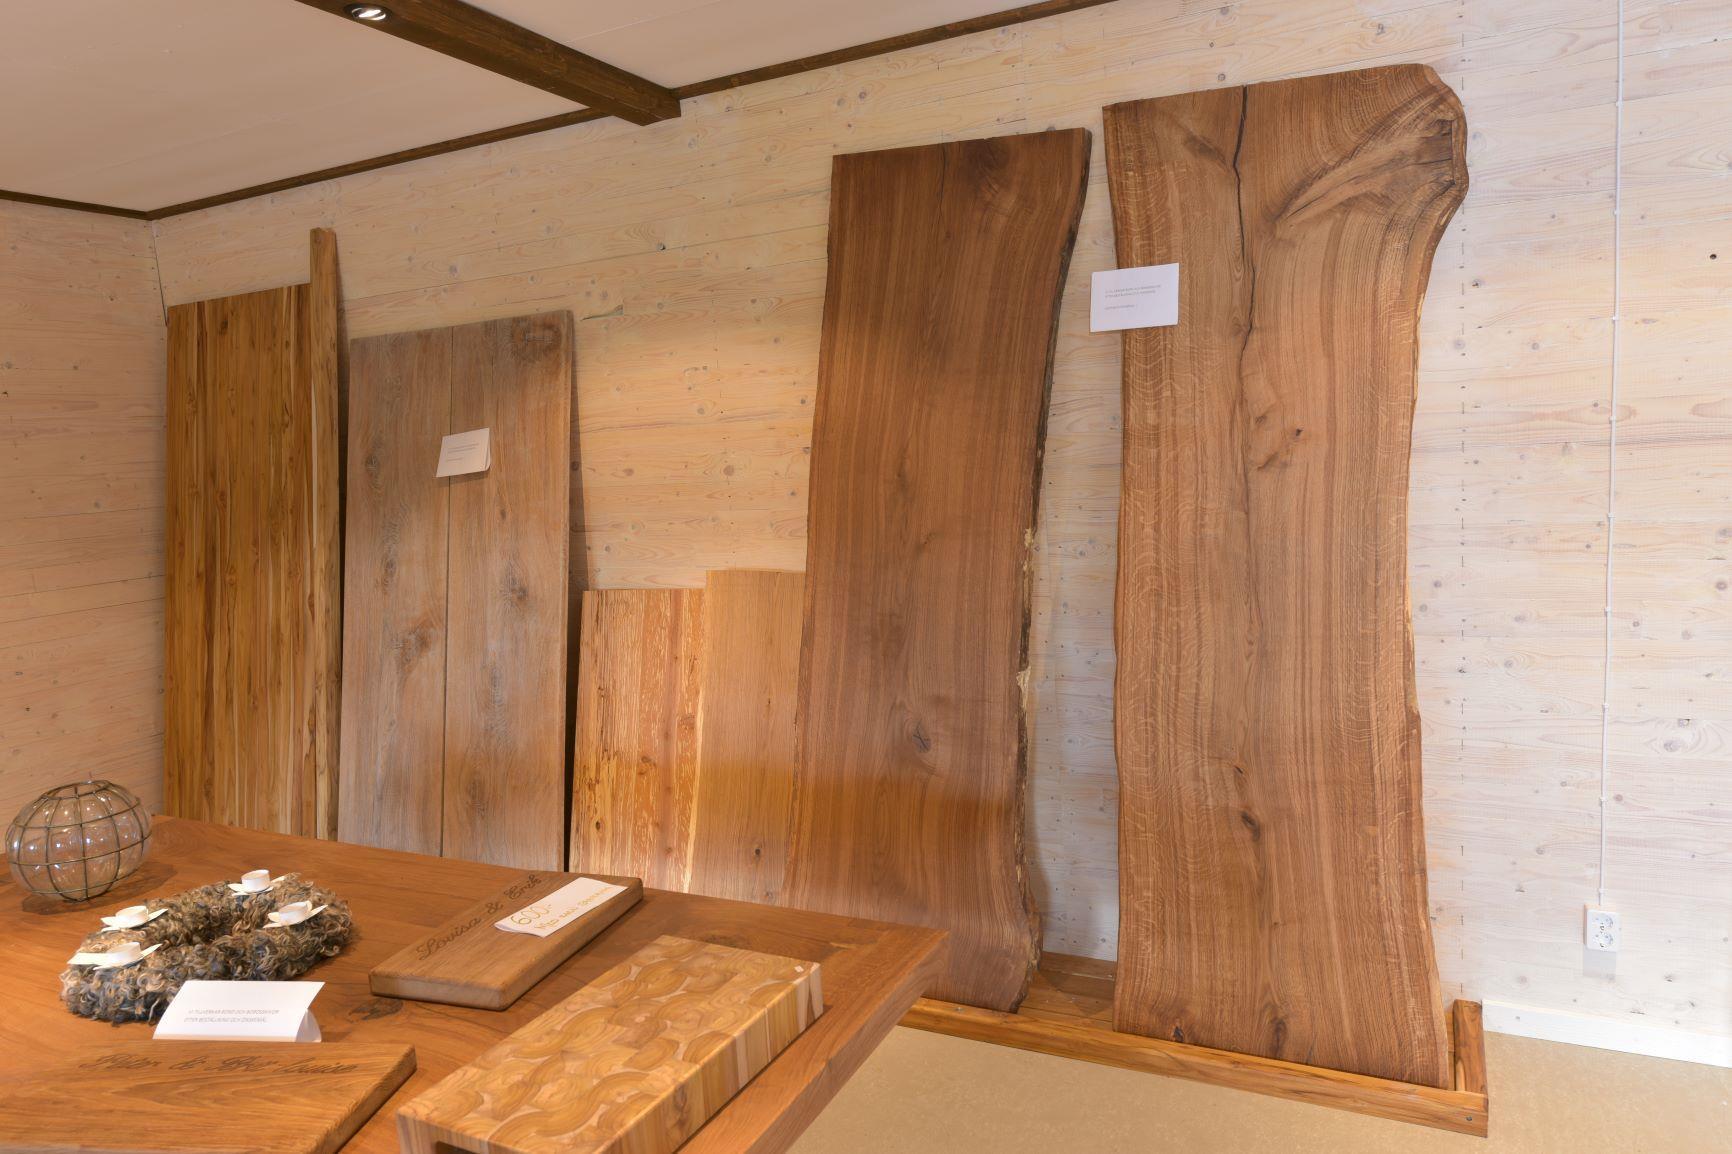 Ekskivor i utställning